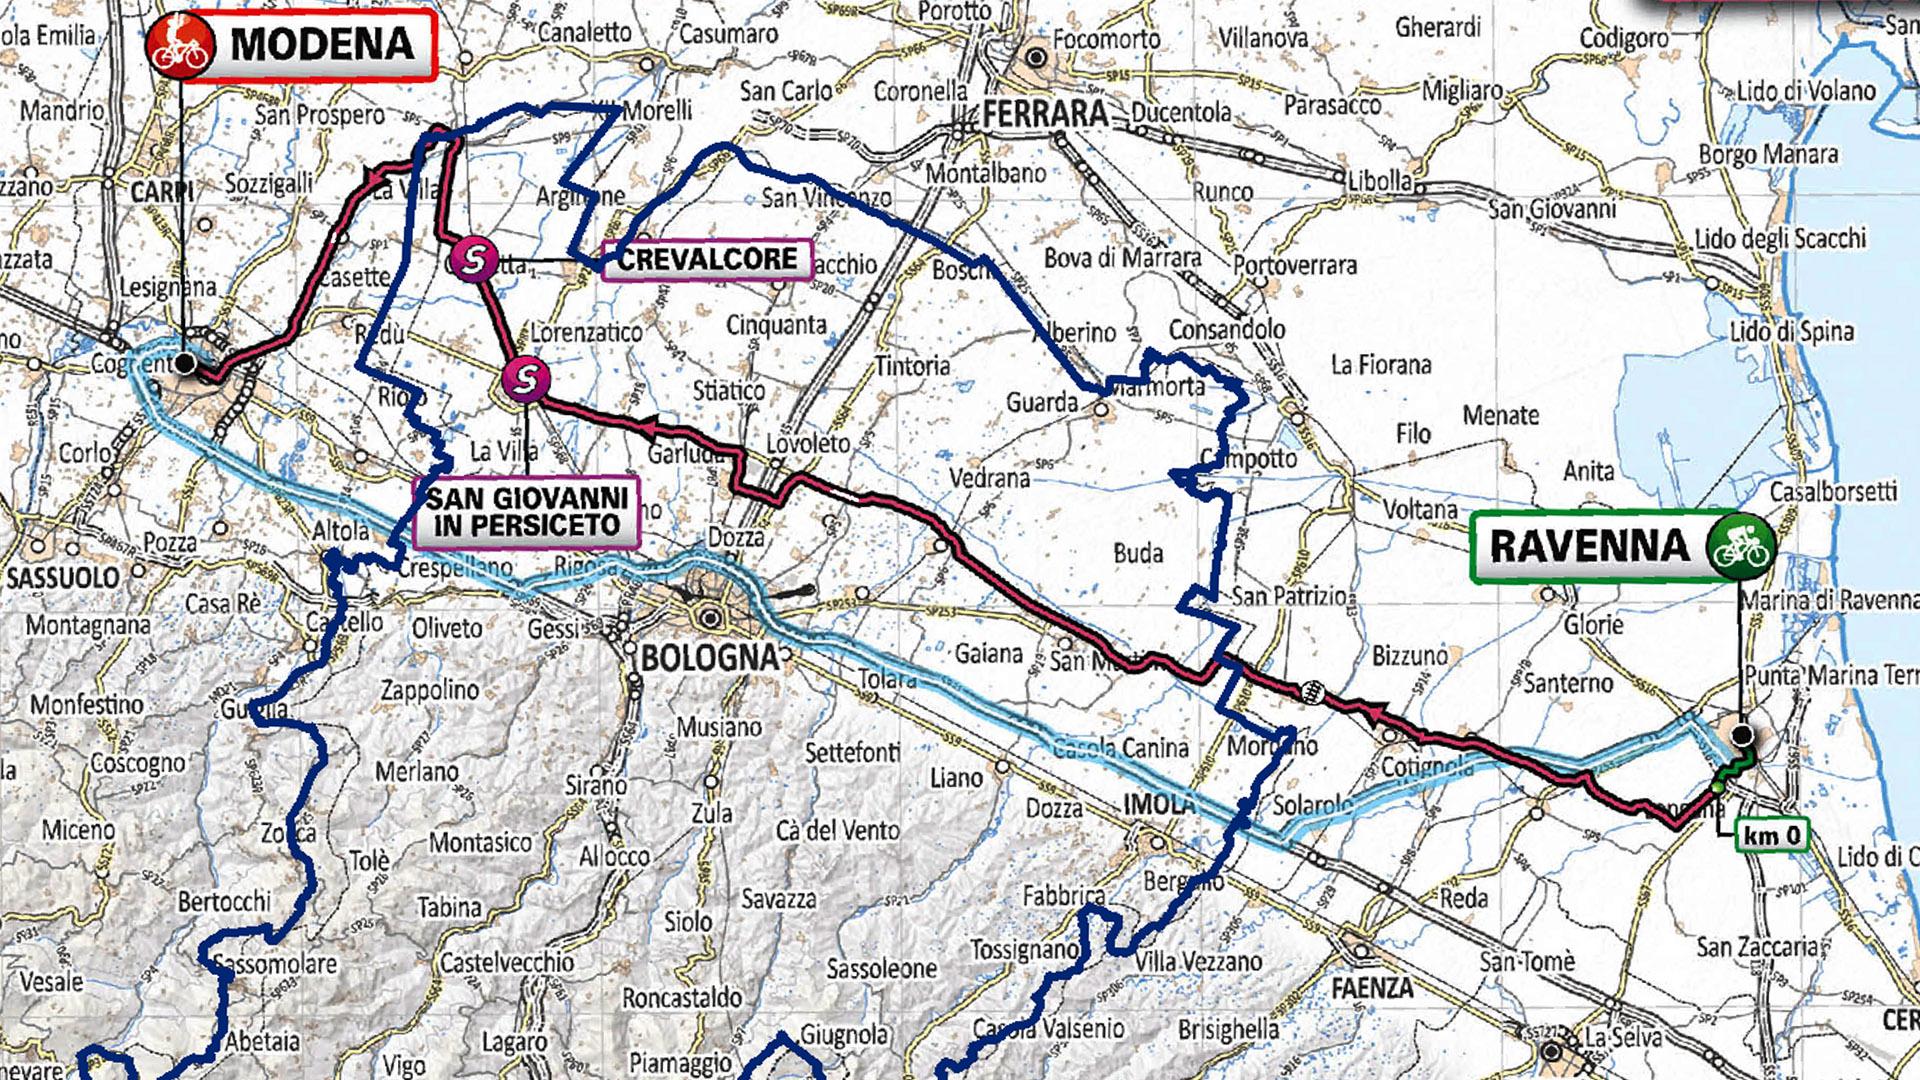 ll Giro d'Italia torna nel territorio metropolitano: martedì 21 maggio la tappa toccherà 10 comuni